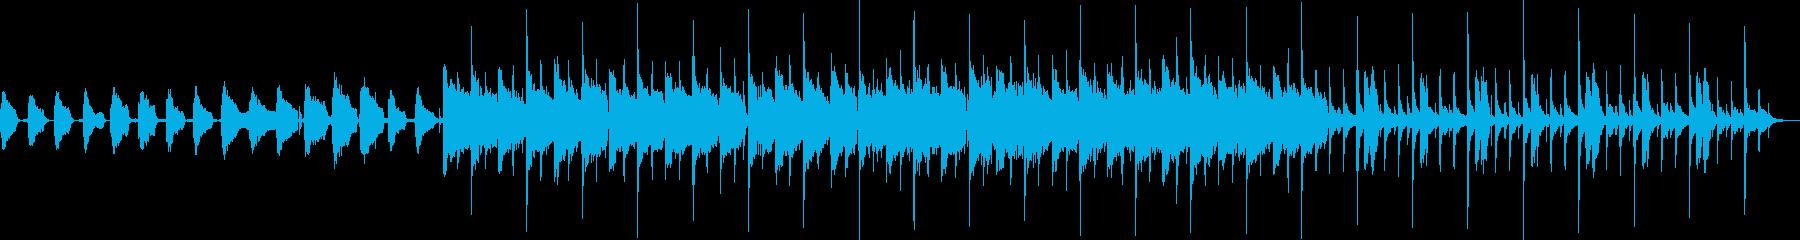 Math Rockの再生済みの波形